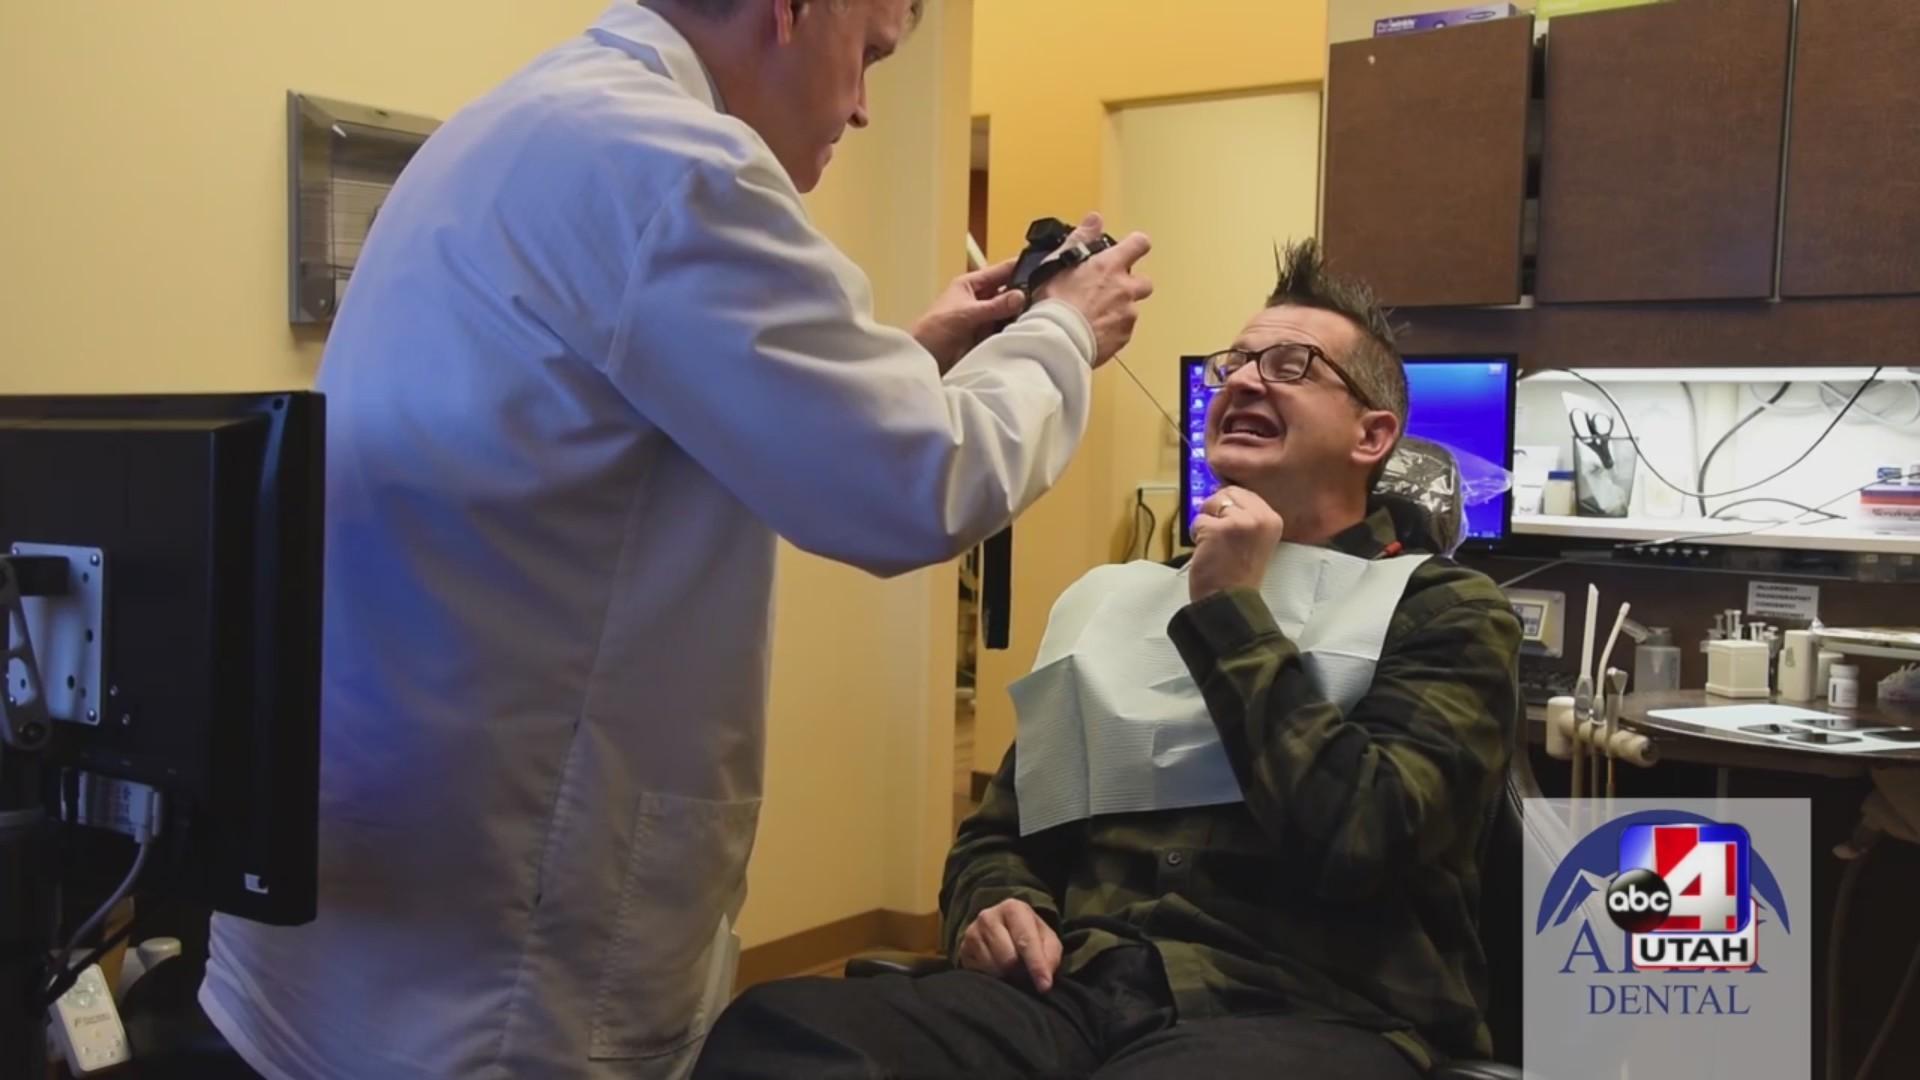 Apex Dental Jon Smith